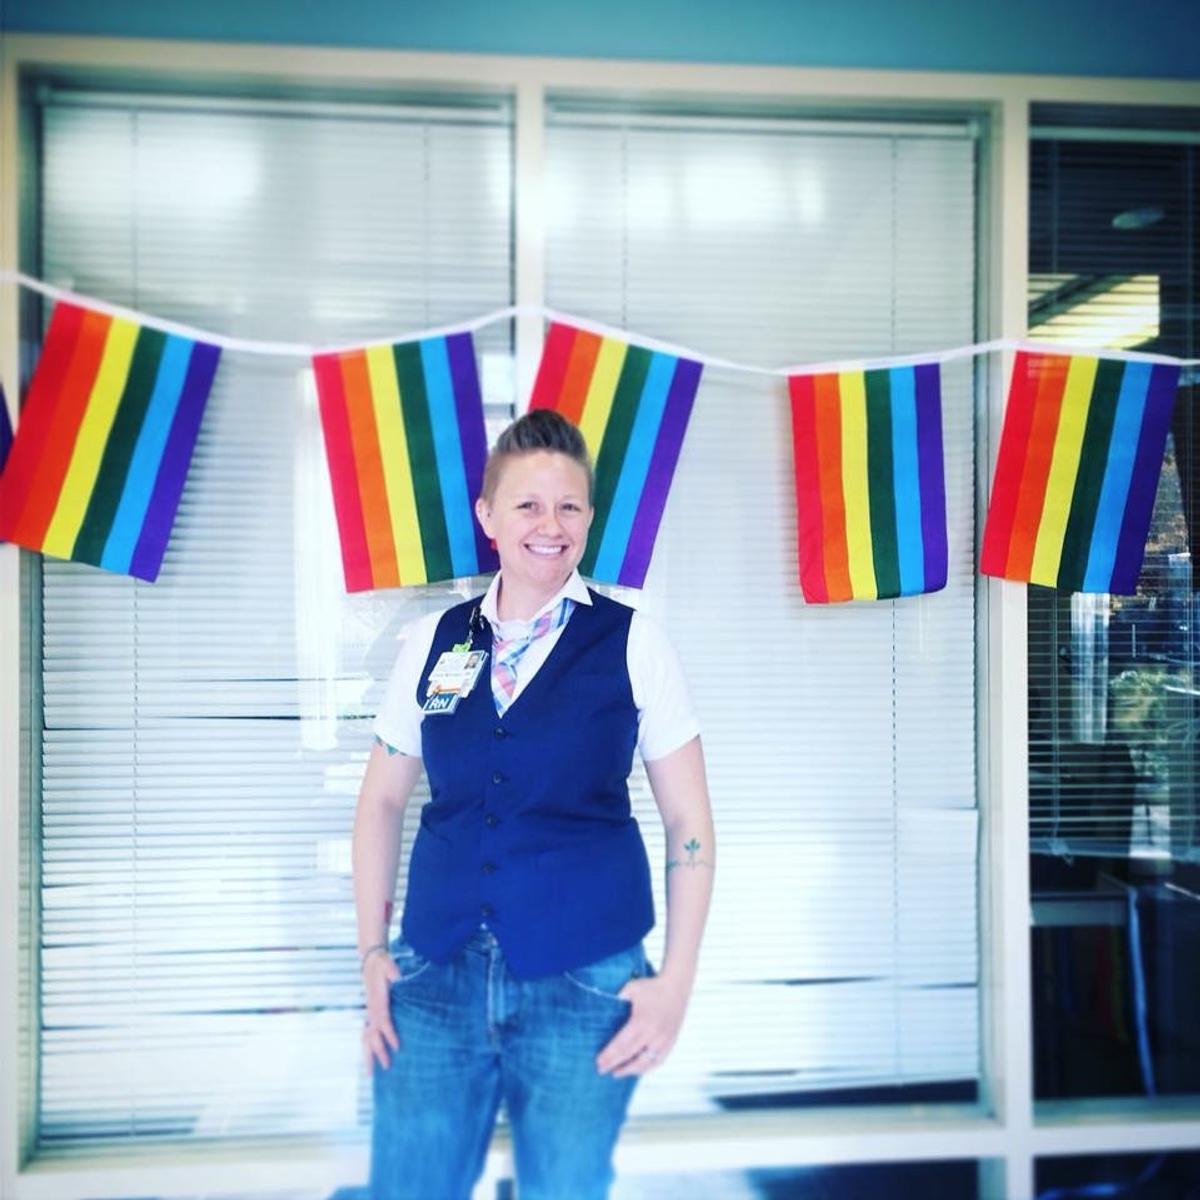 Episode 83: Clare the queer vegan activist nurse